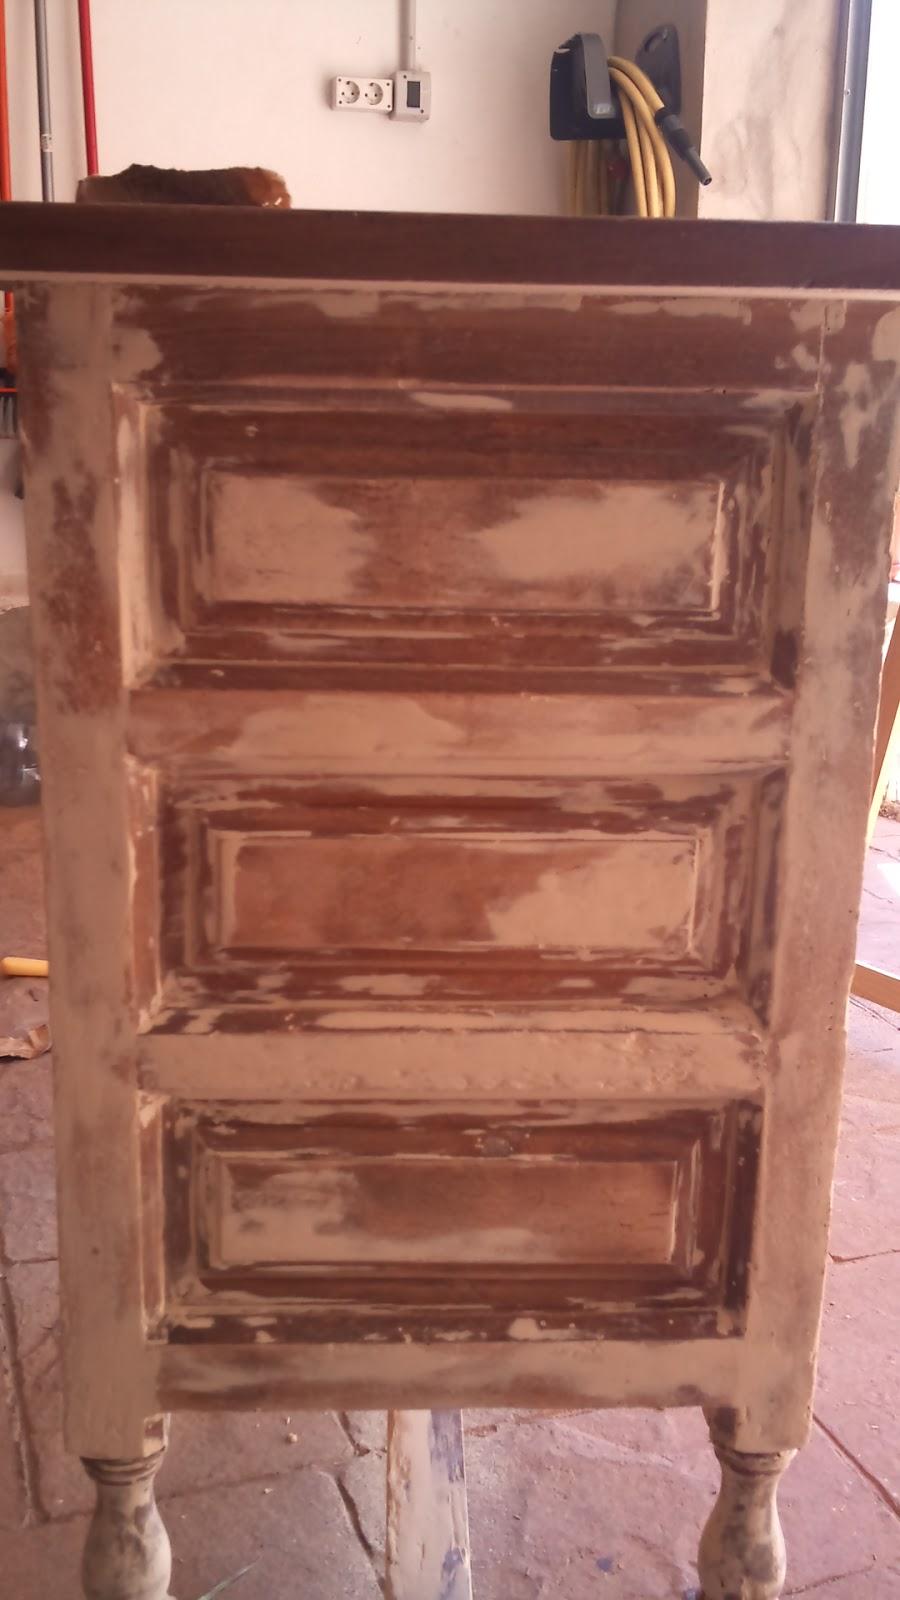 Bricoleando se pasa la vida mejor restaurar mueble antiguo - Reparar muebles antiguos ...